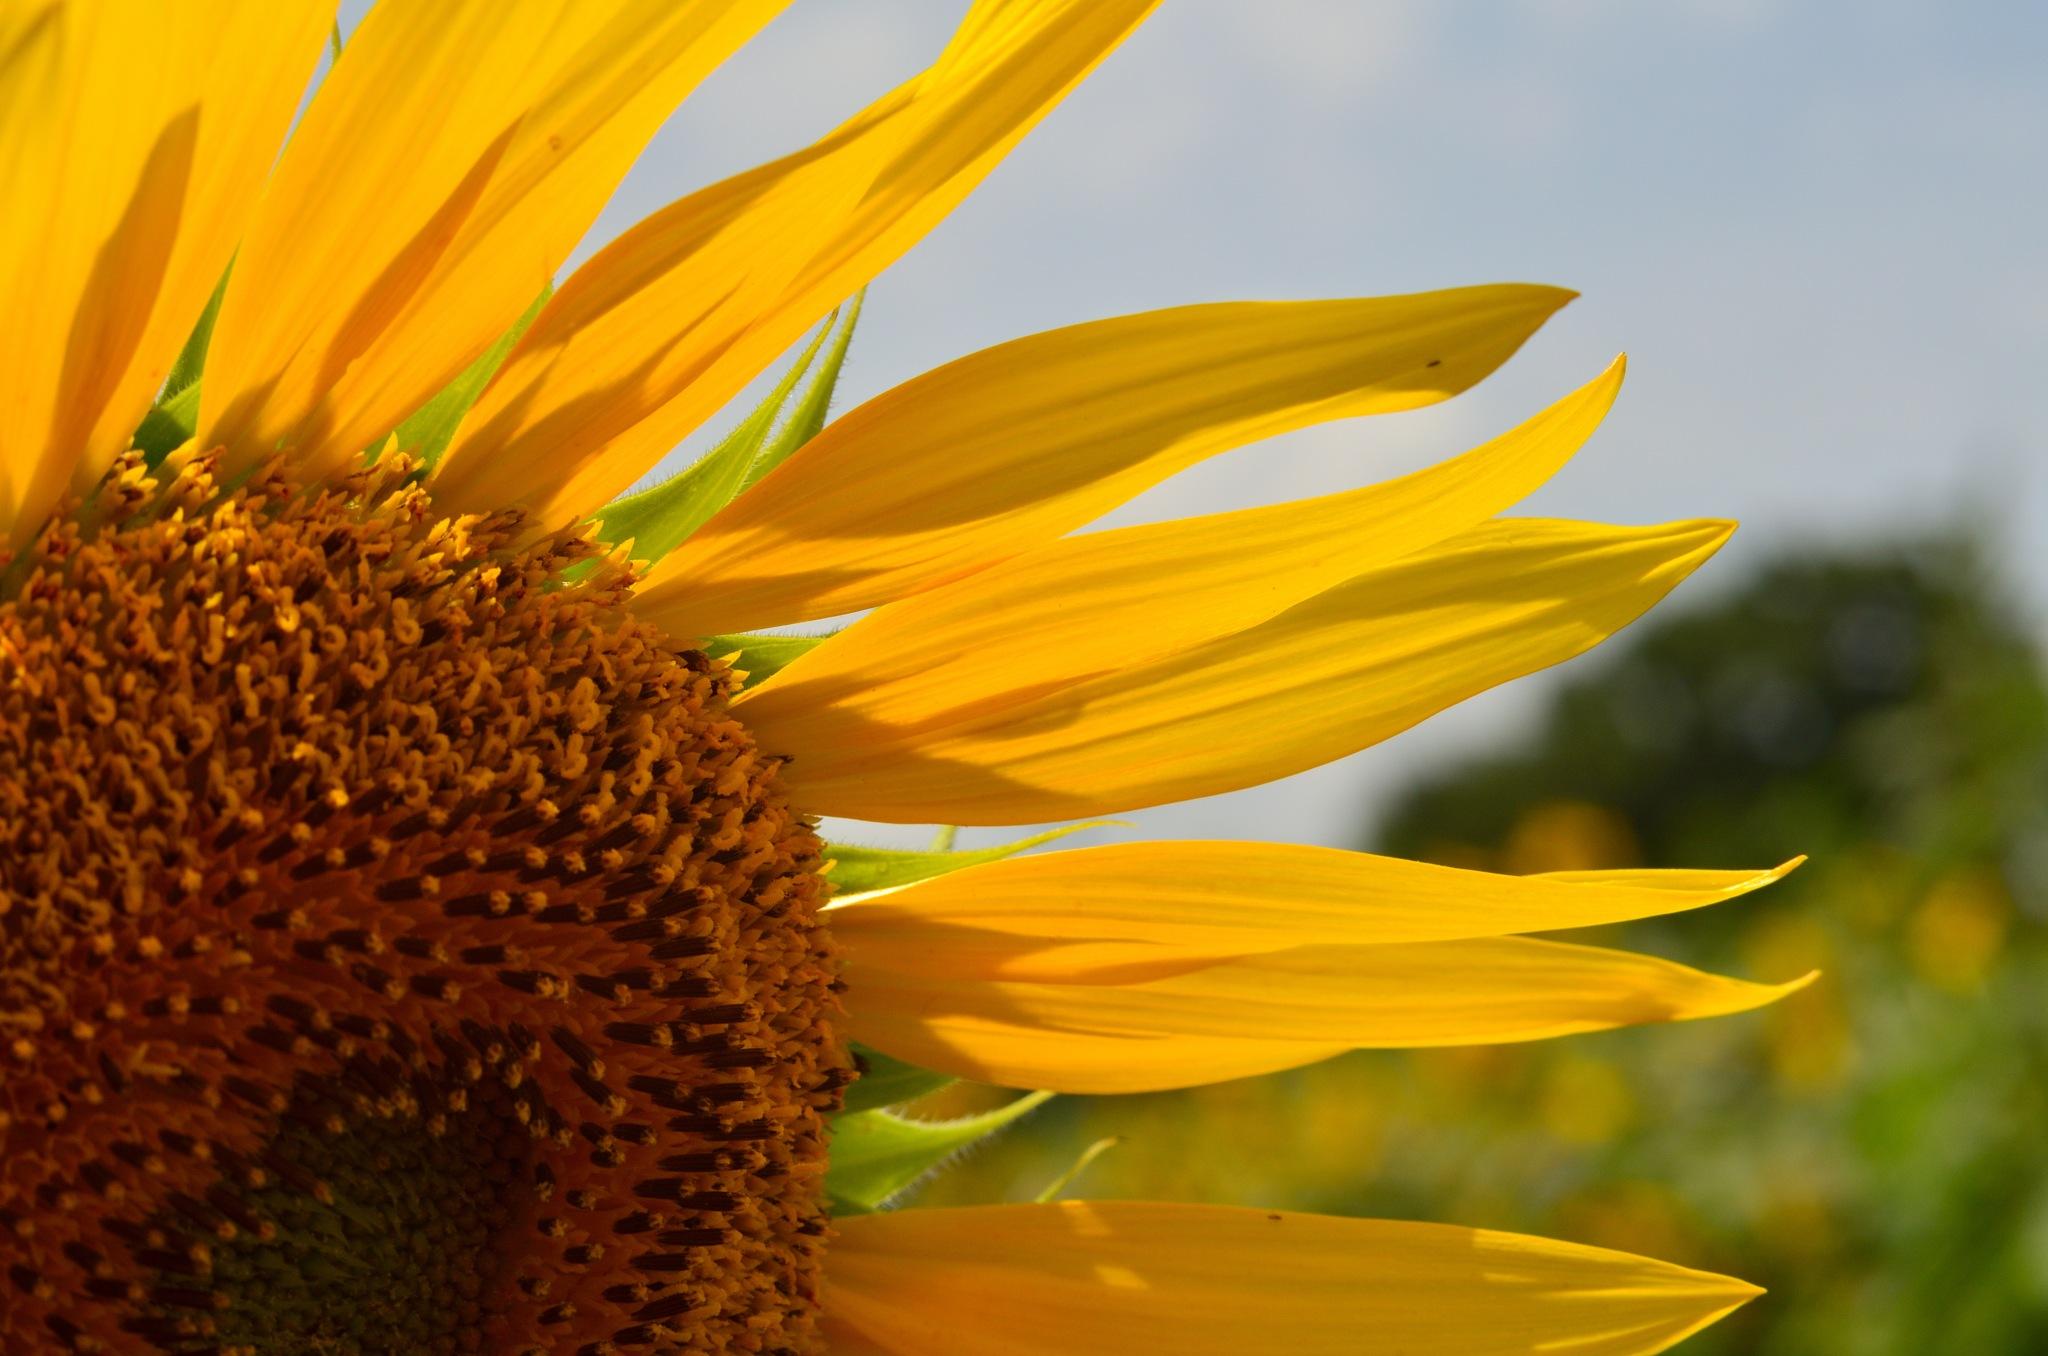 Sunflower by Masahiro  Asano